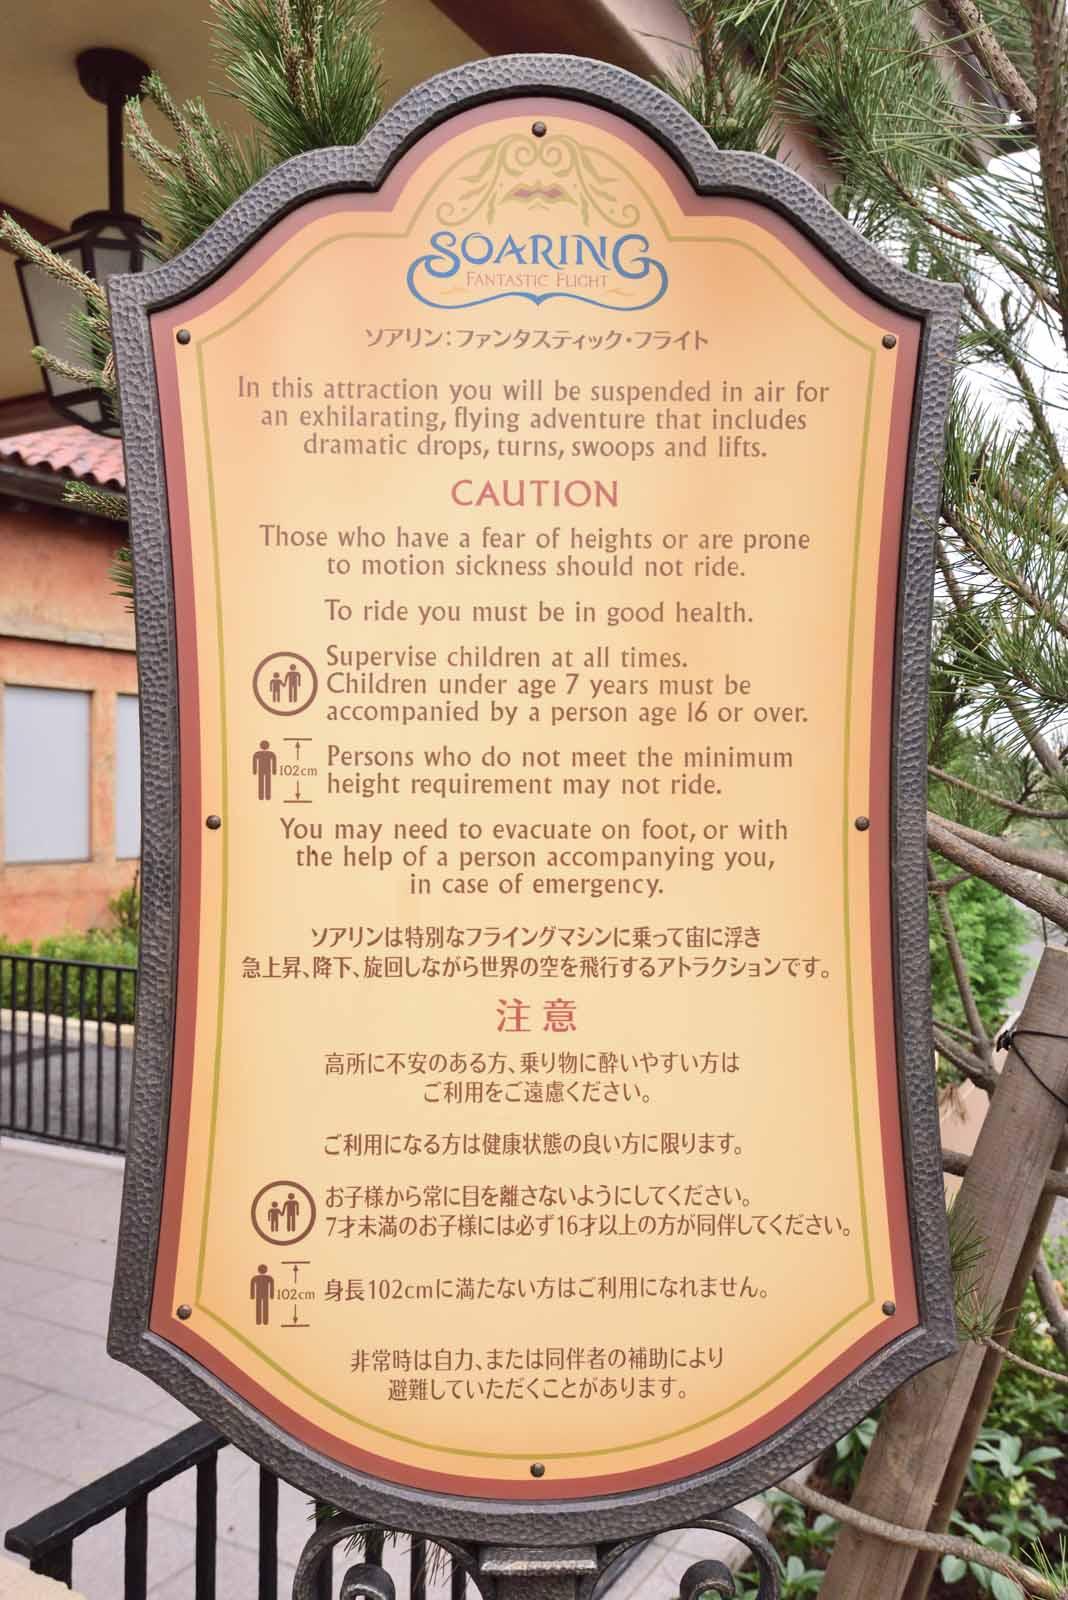 東京ディズニーシー ソアリン:ファンタスティック・フライト 7月23日オープン ファストパス発券所